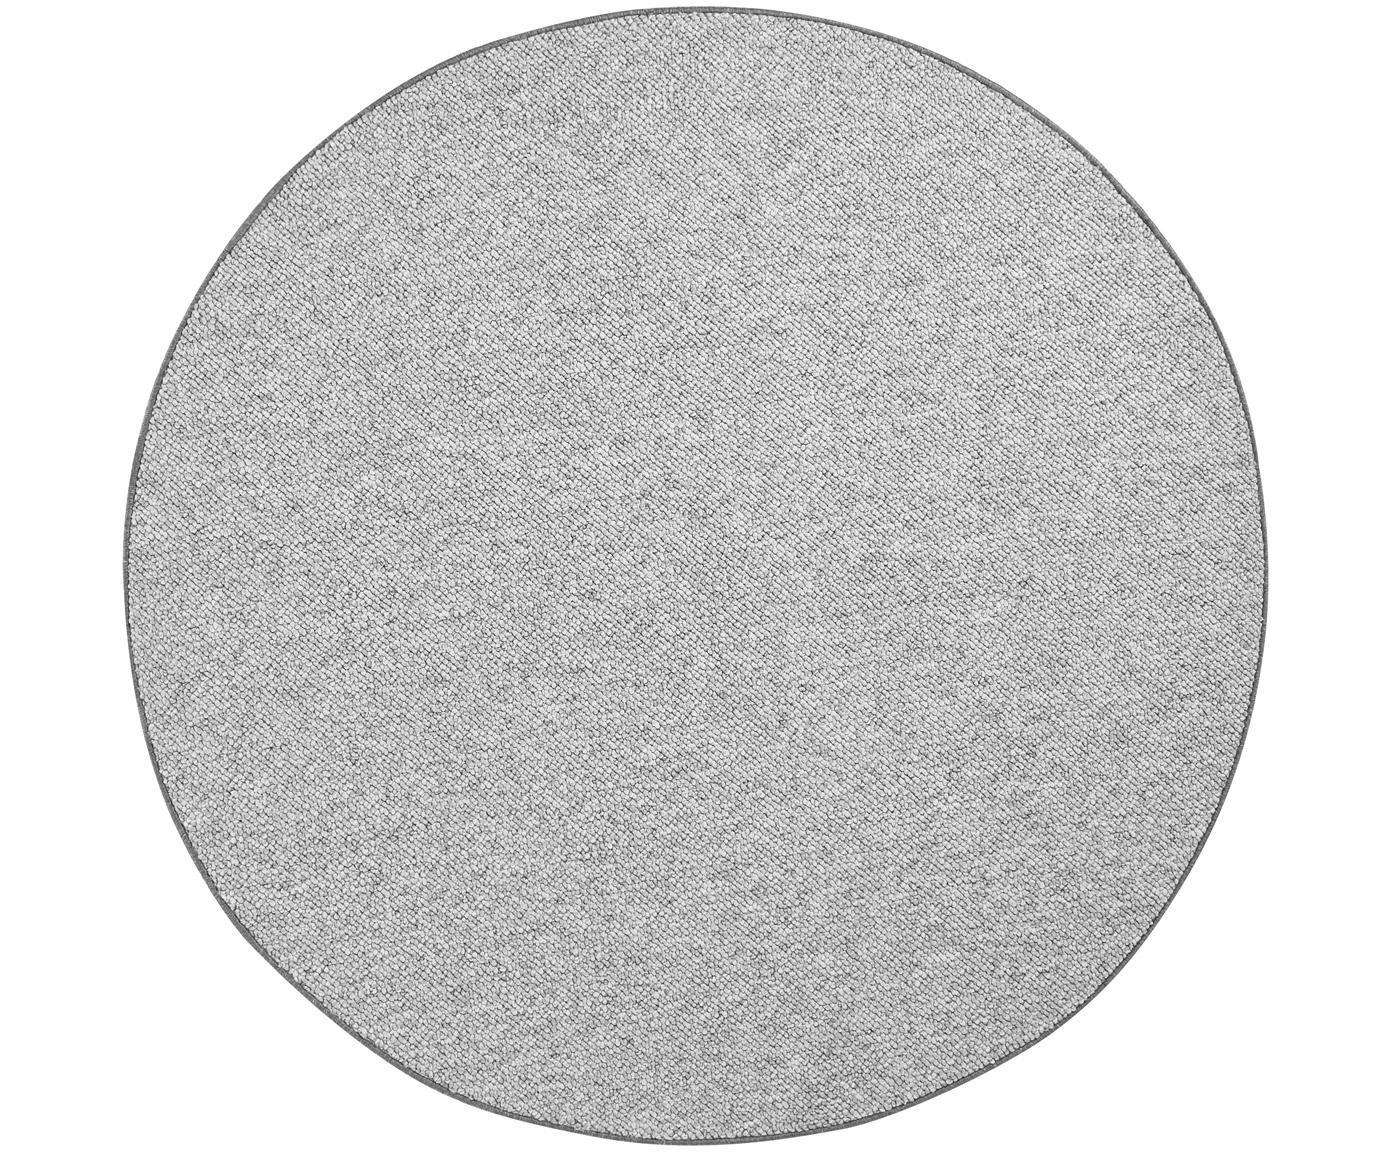 Tappeto rotondo Lyon, Retro: pelo, Grigio, mescolato, Ø 133 cm (taglia M)